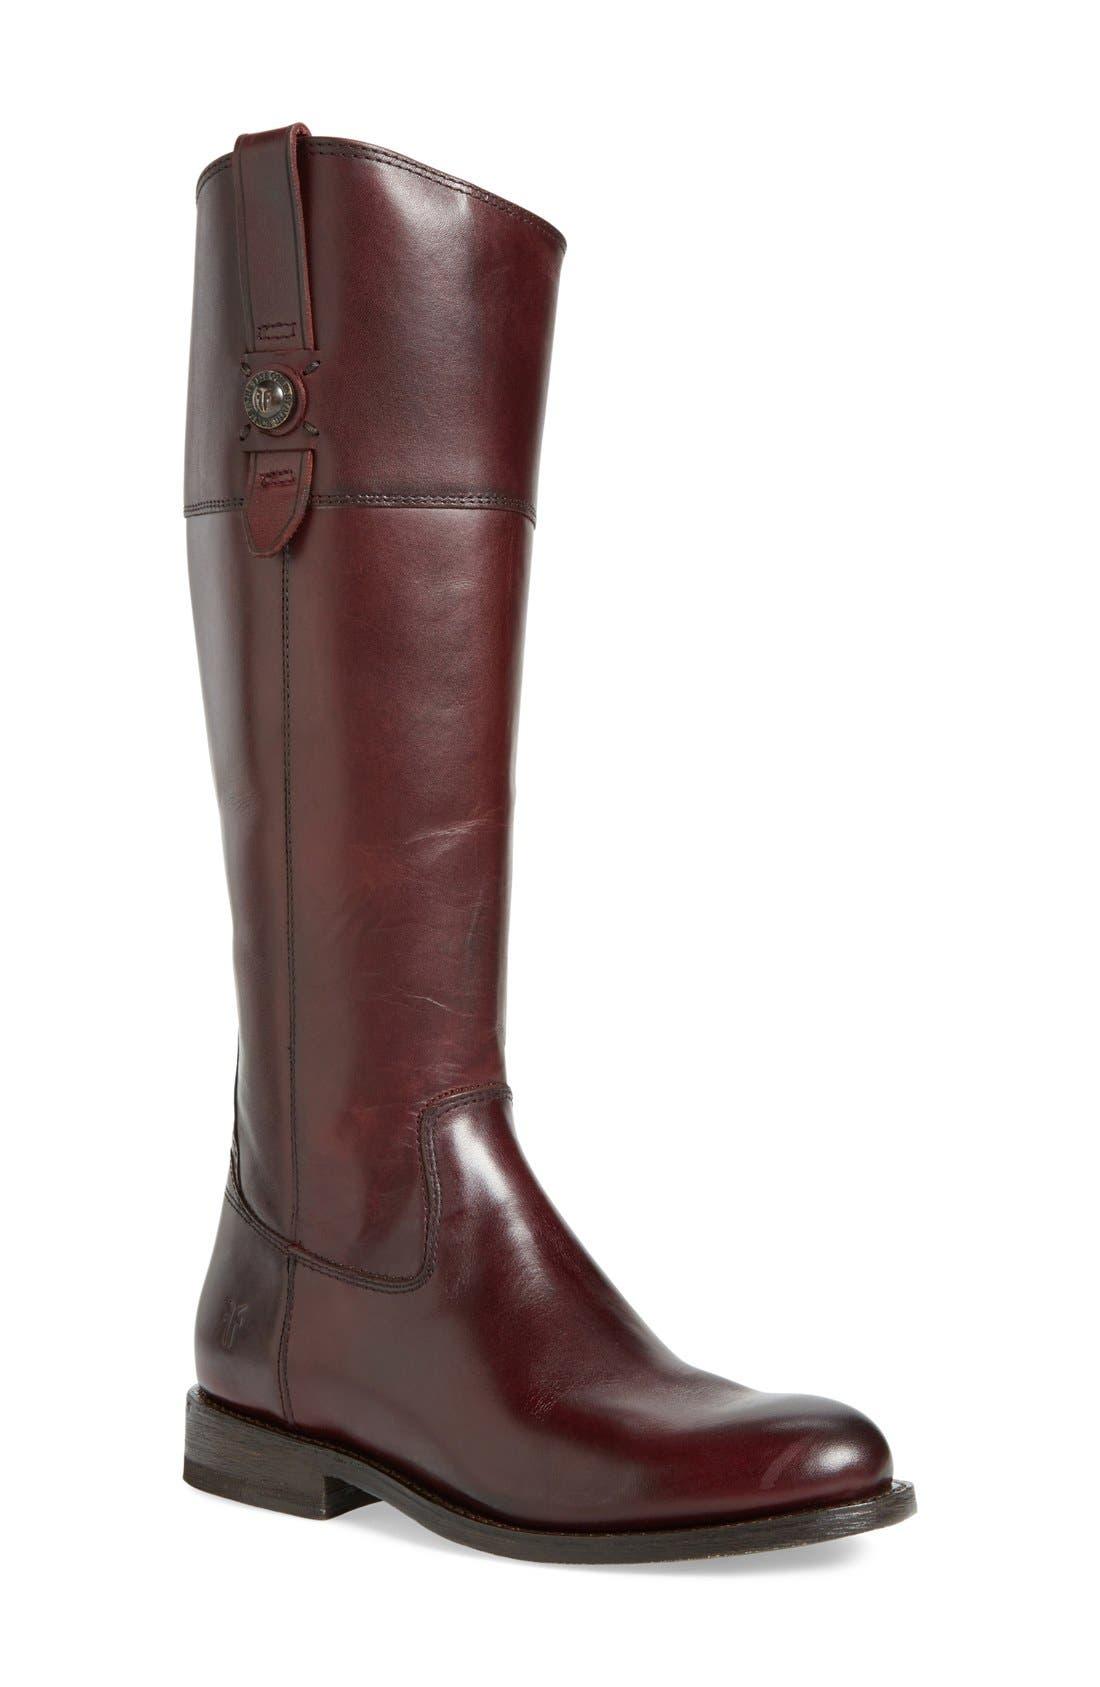 Main Image - Frye'JaydenButton' Tall Boot (Women)